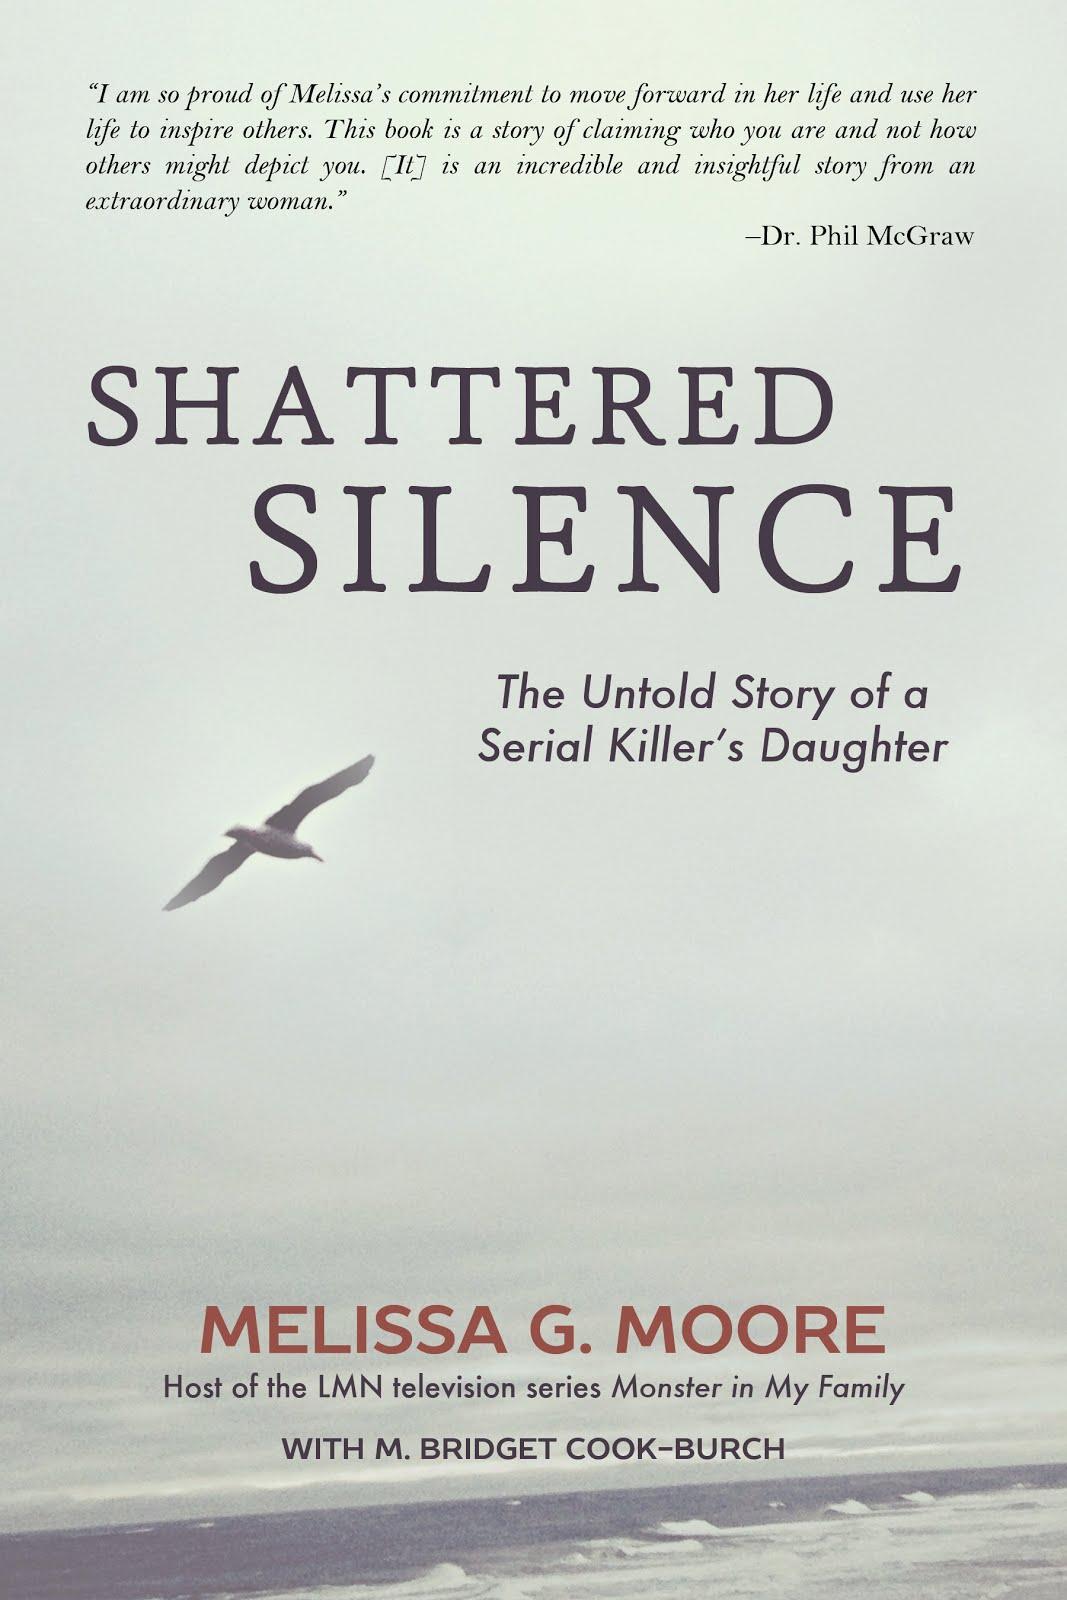 My Memoir Shattered Silence